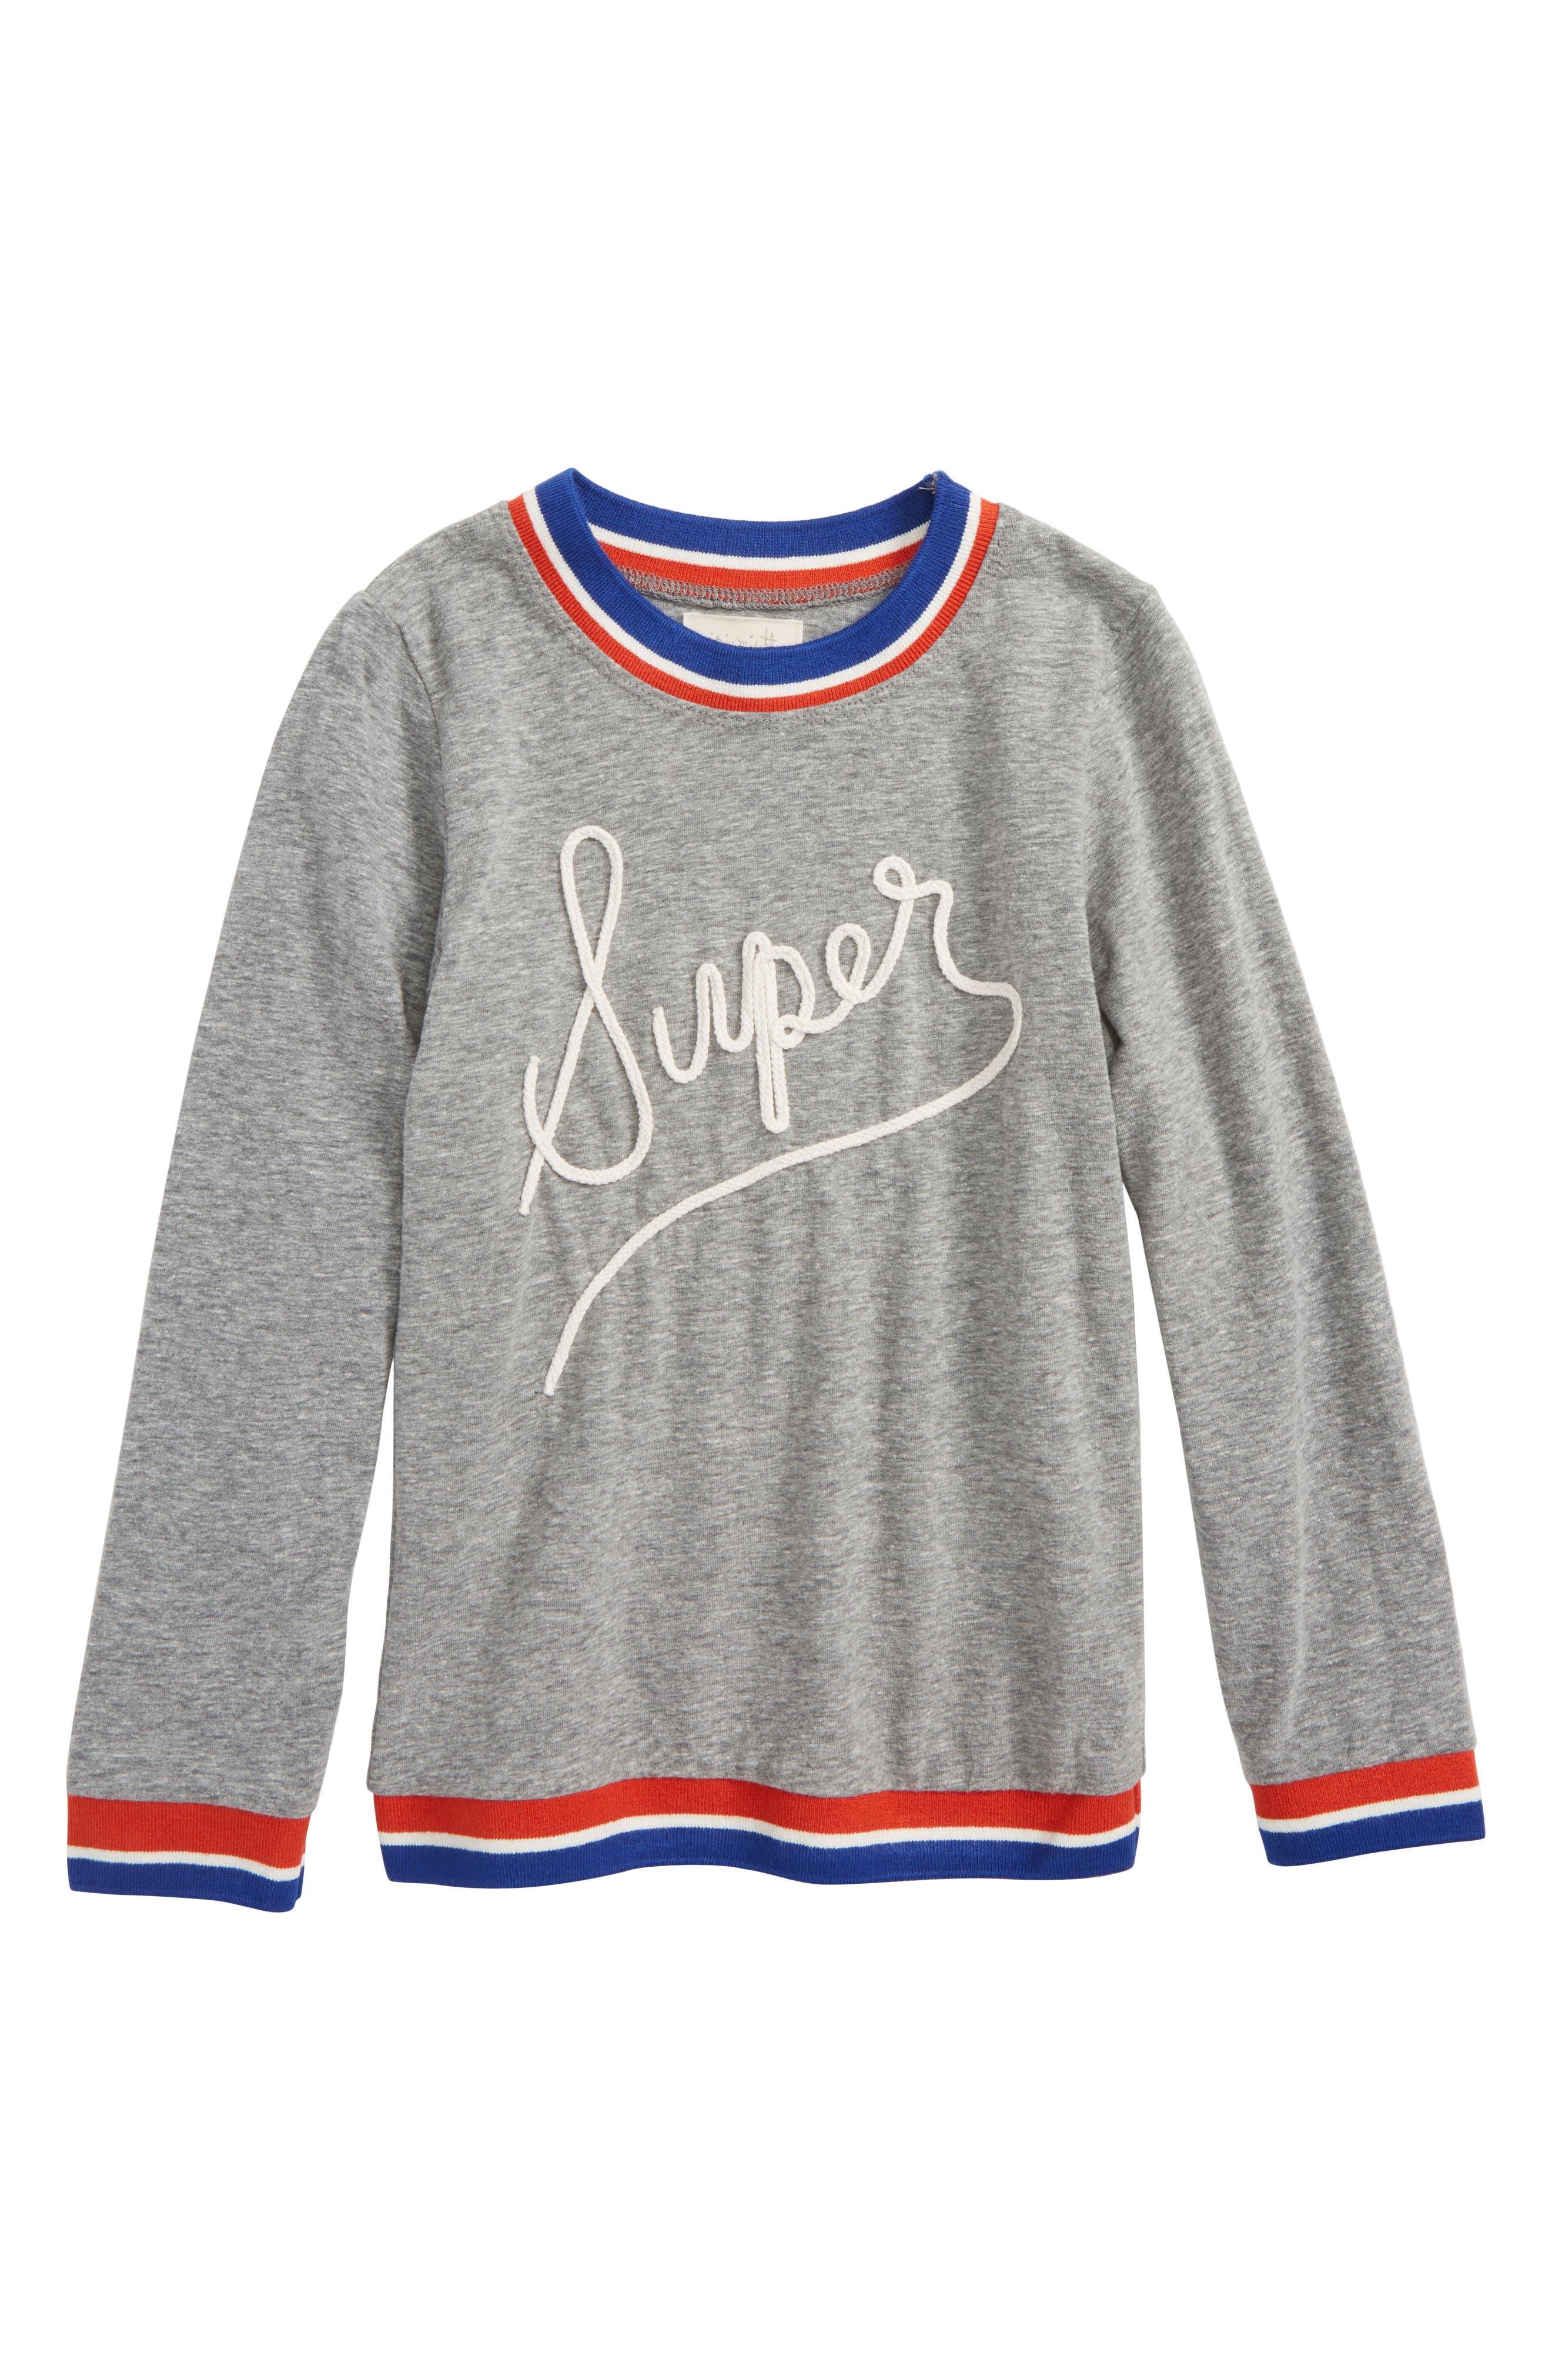 Super Scott Top,                         Main,                         color, Super